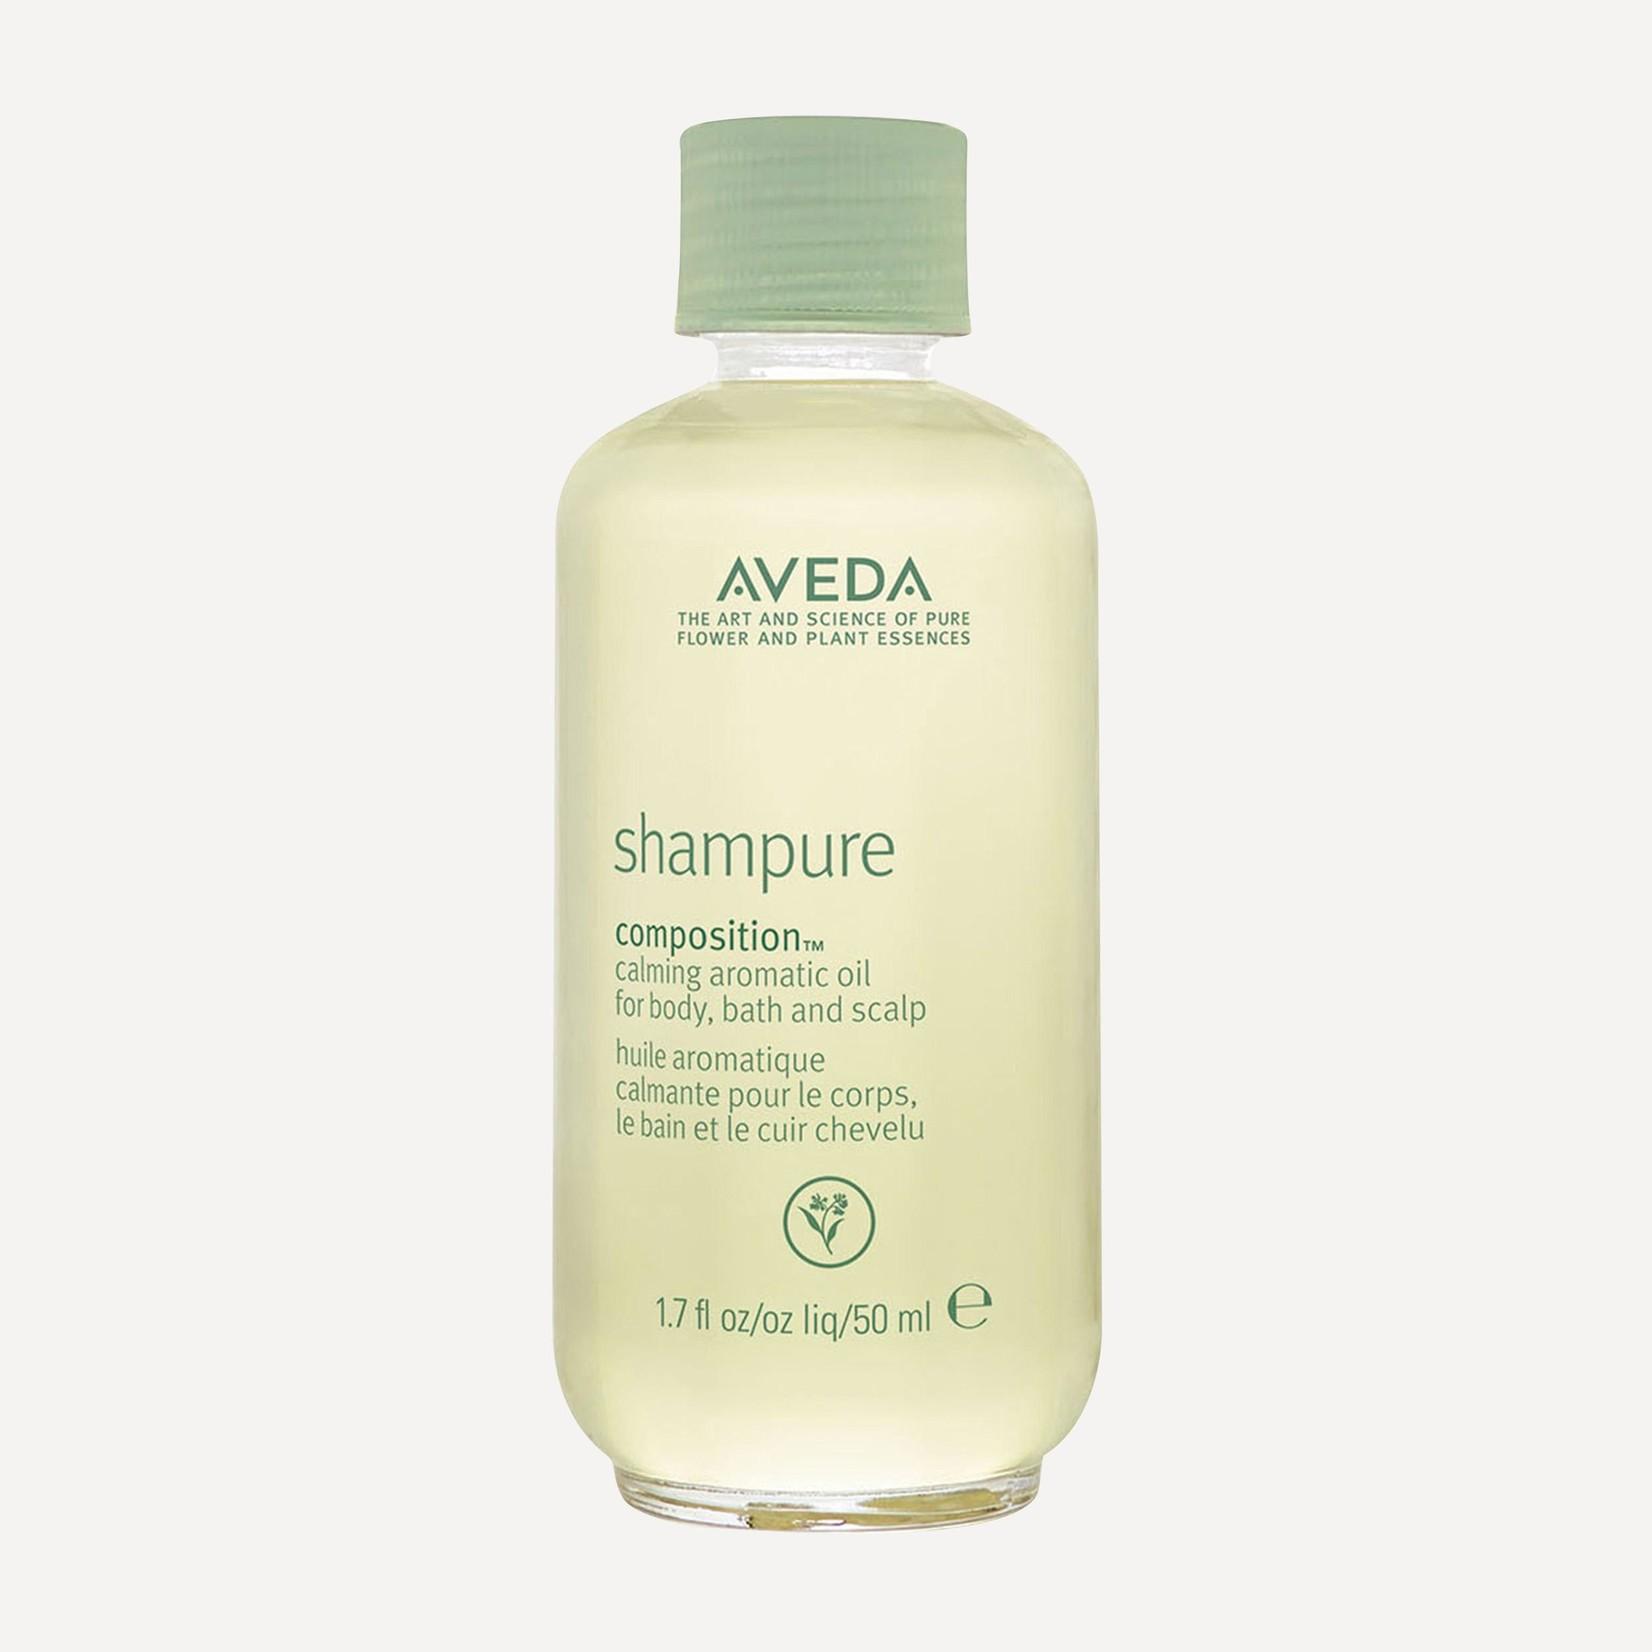 AVEDA Shampure Composition Oil™